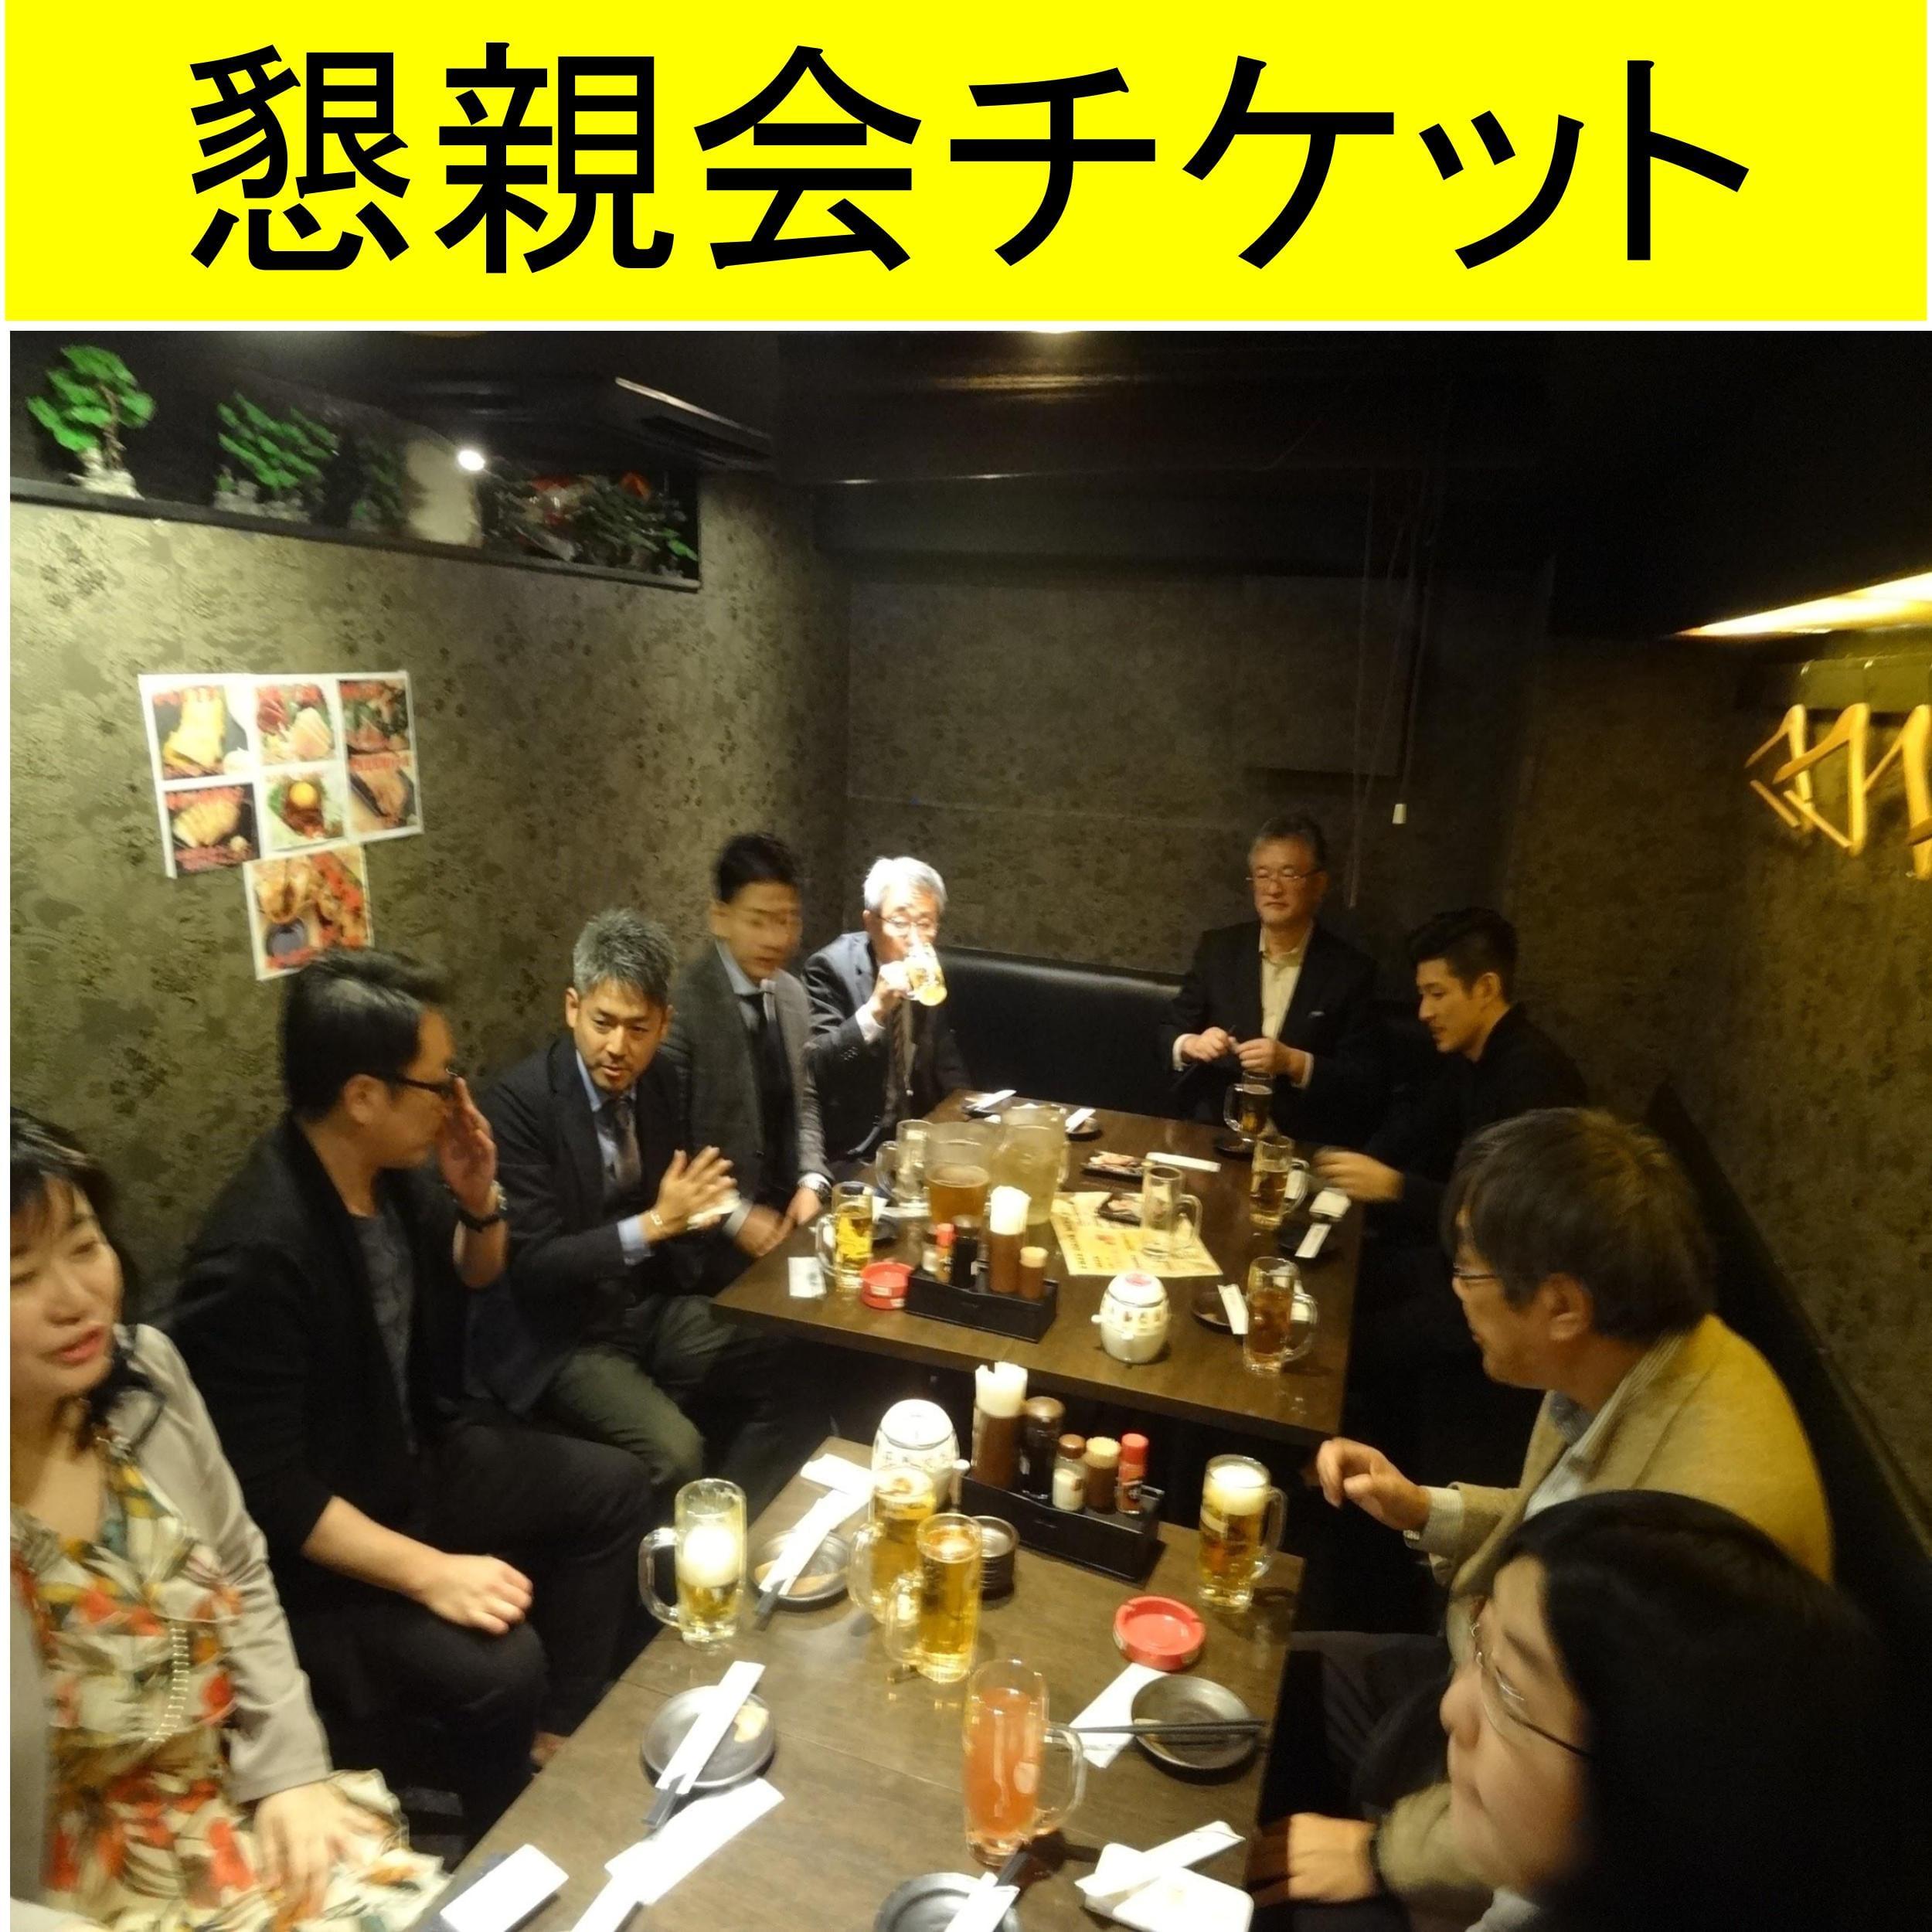 【全員共通】日本の医療と福祉を考える会 9/16 懇親会 チケットのイメージその5